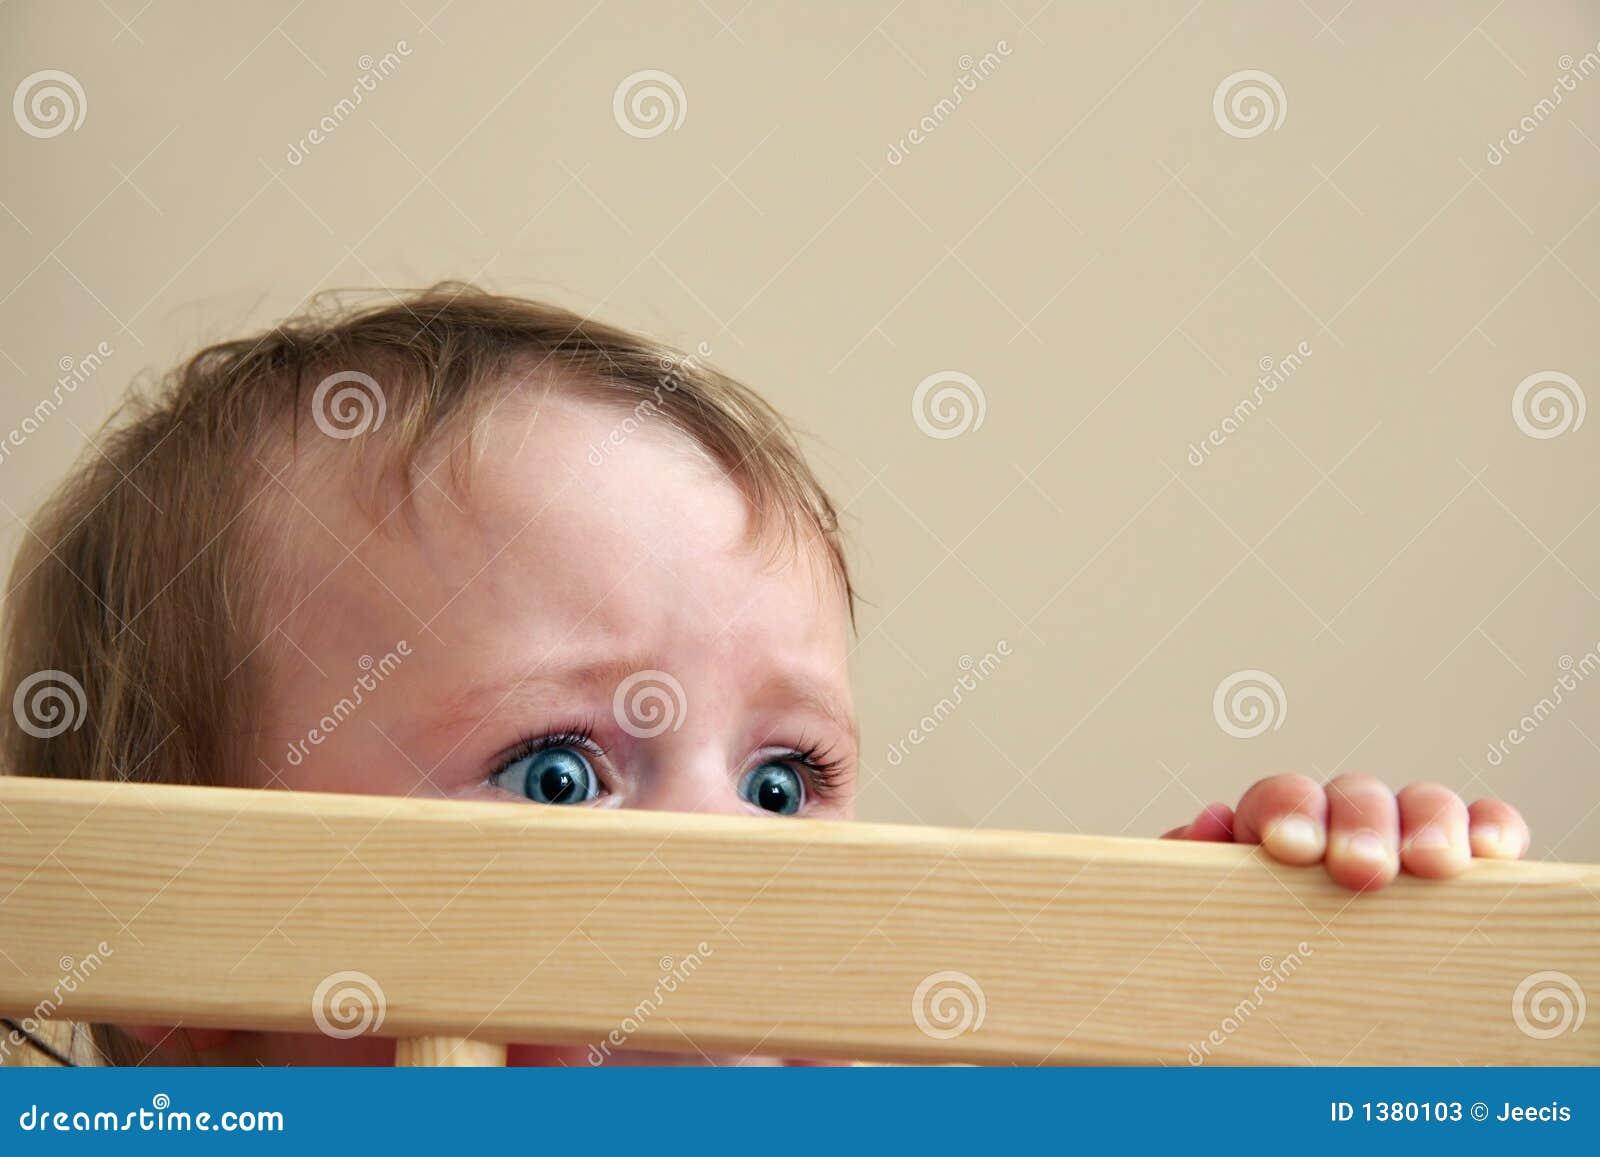 Miedo en ojos del bebé